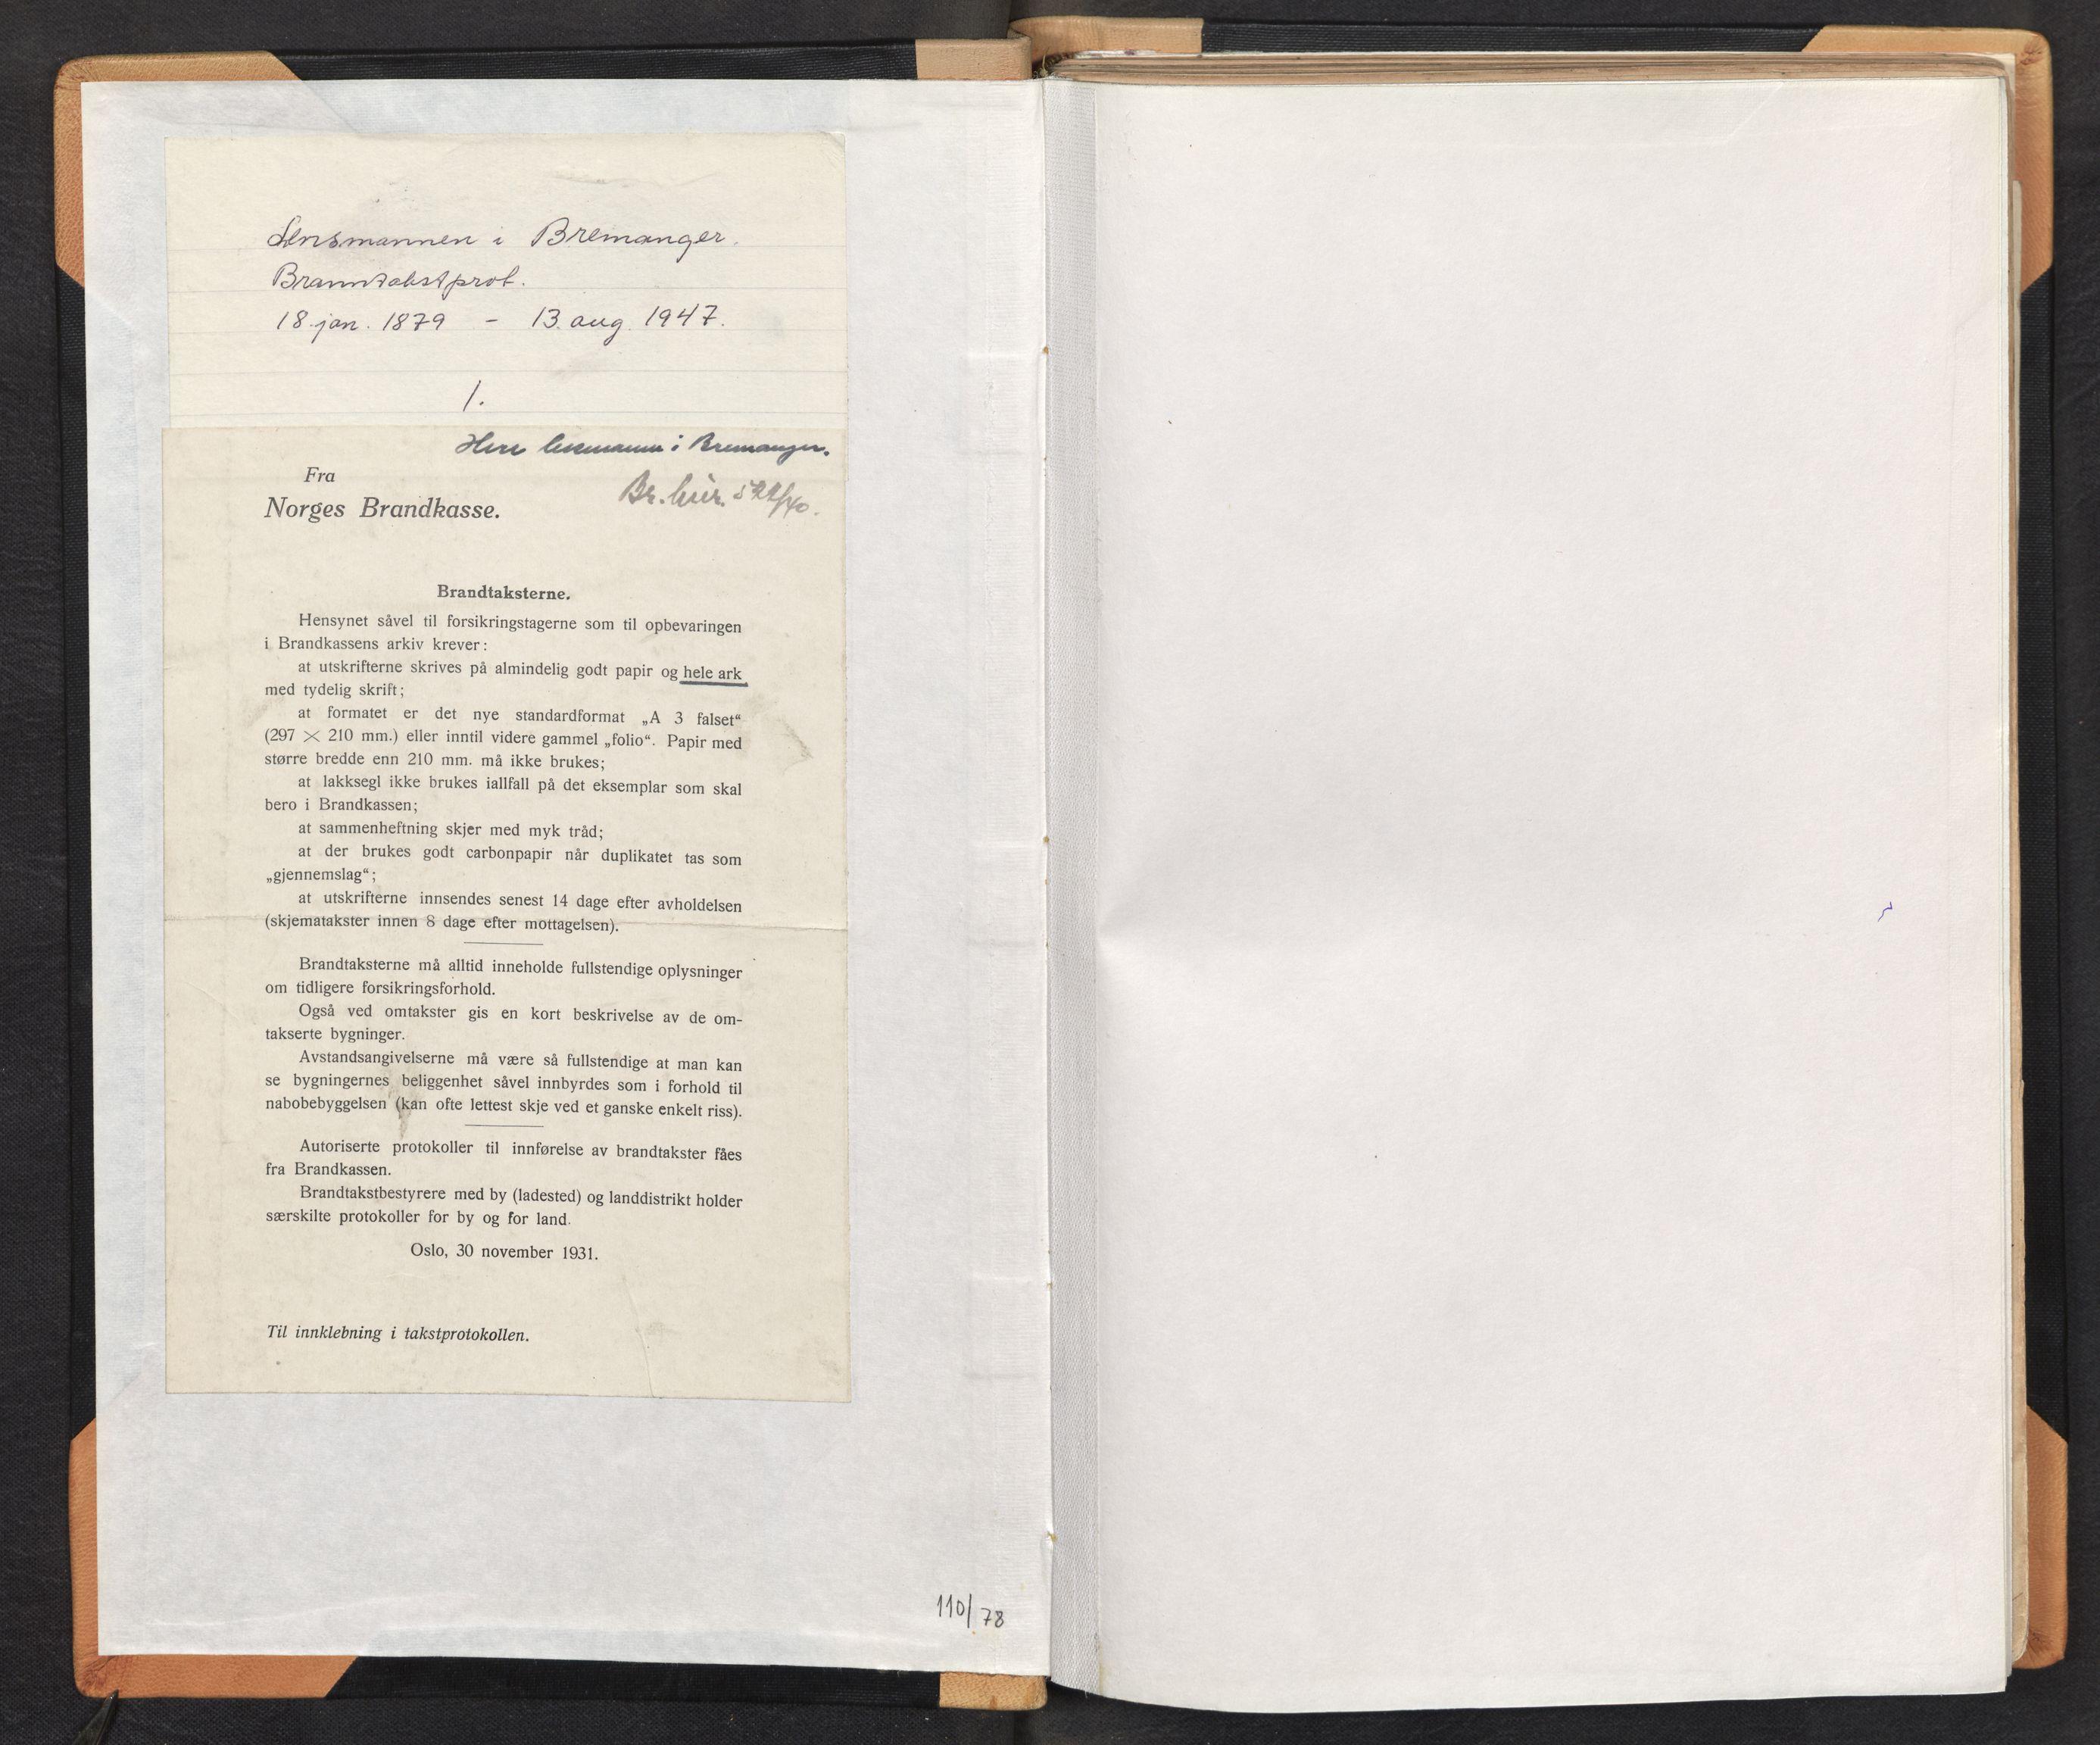 SAB, Lensmannen i Bremanger, 0012/L0001: Branntakstprotokoll, 1846-1878, s. 1a